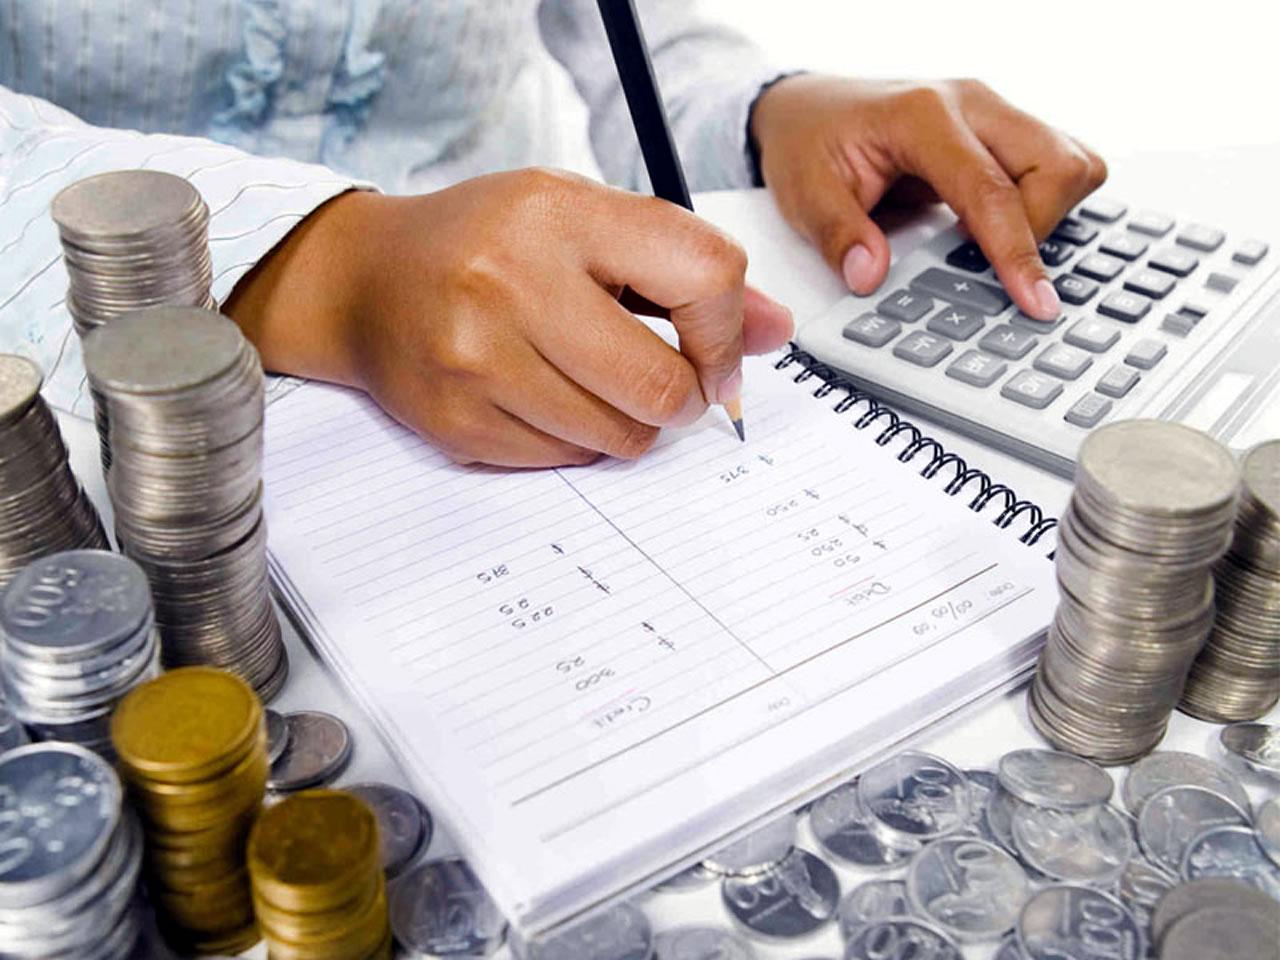 Hasil gambar untuk merencanakan keuangan